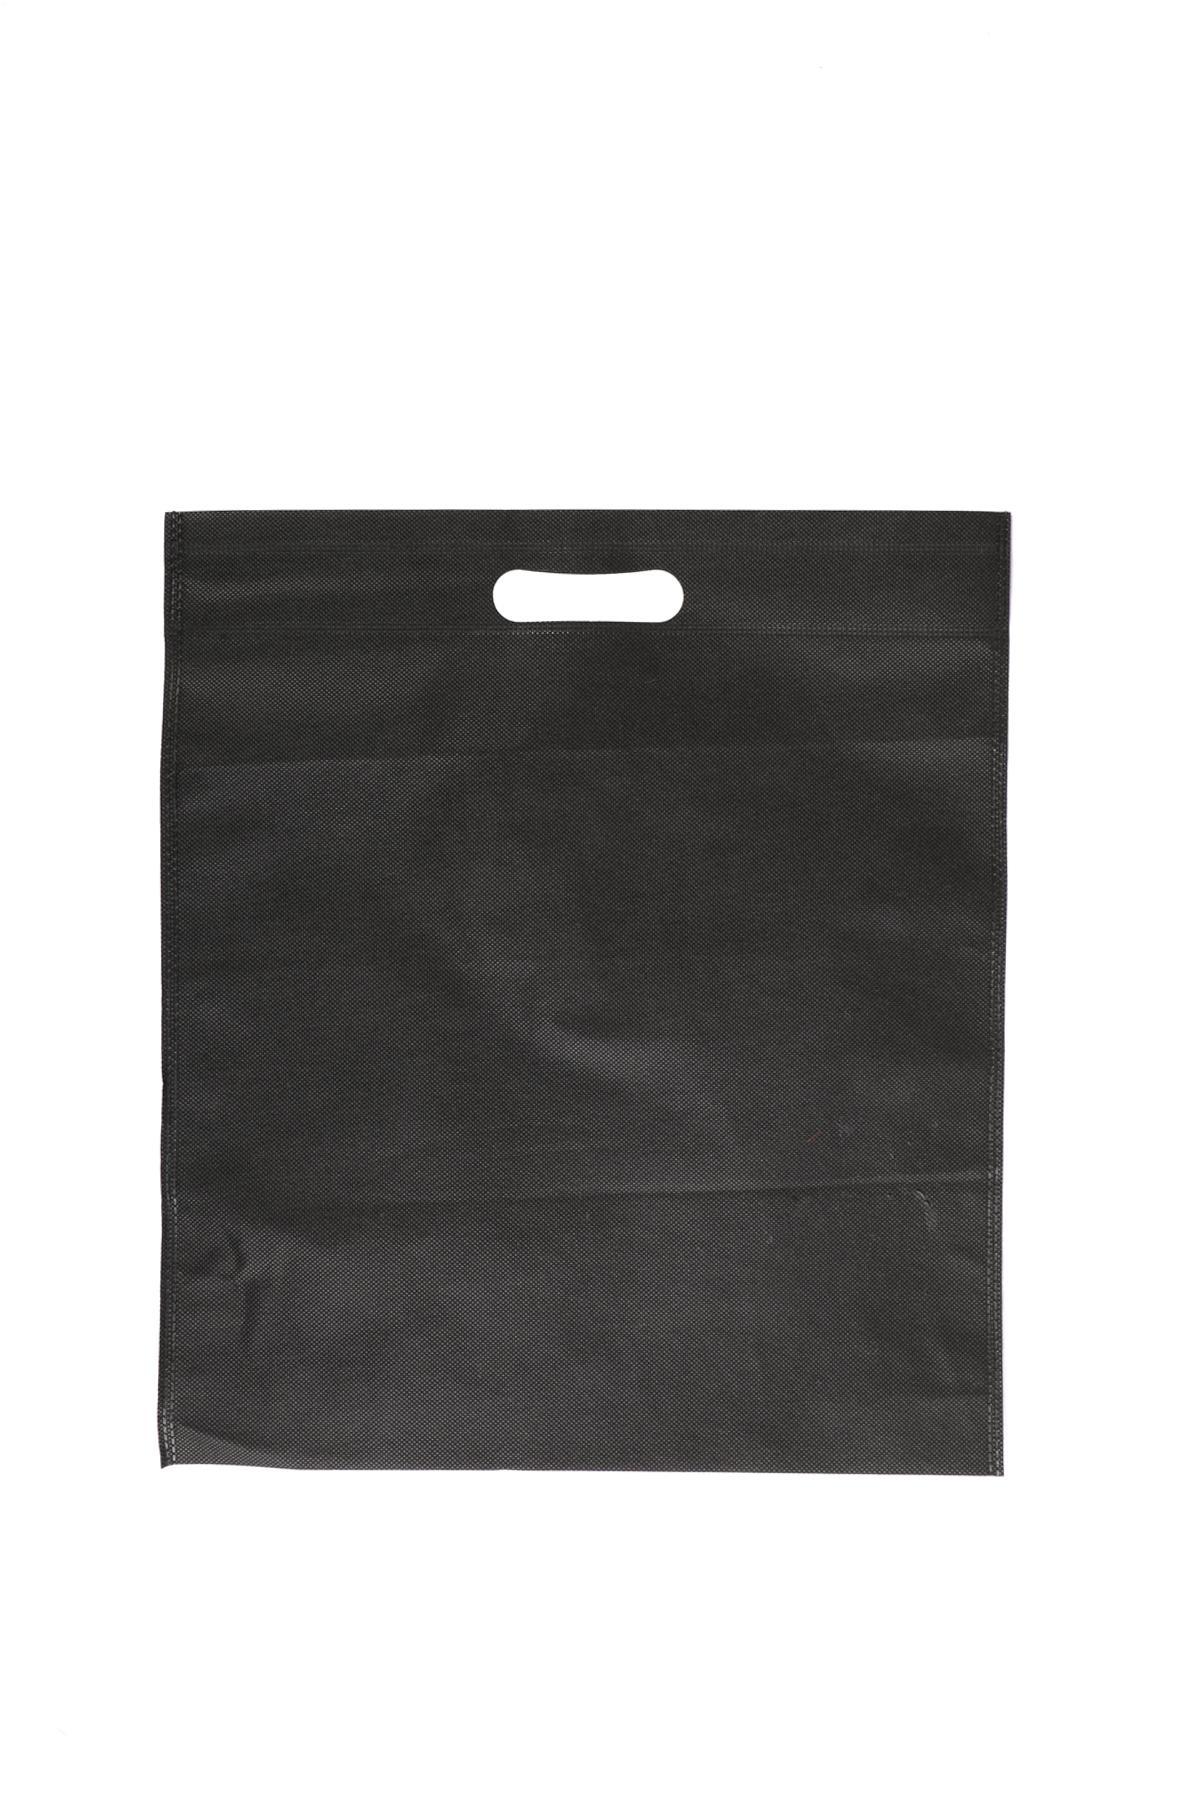 Autres Accessoires Noir GO POMELO SAC RECTANGLE 35*40 #c eFashion Paris